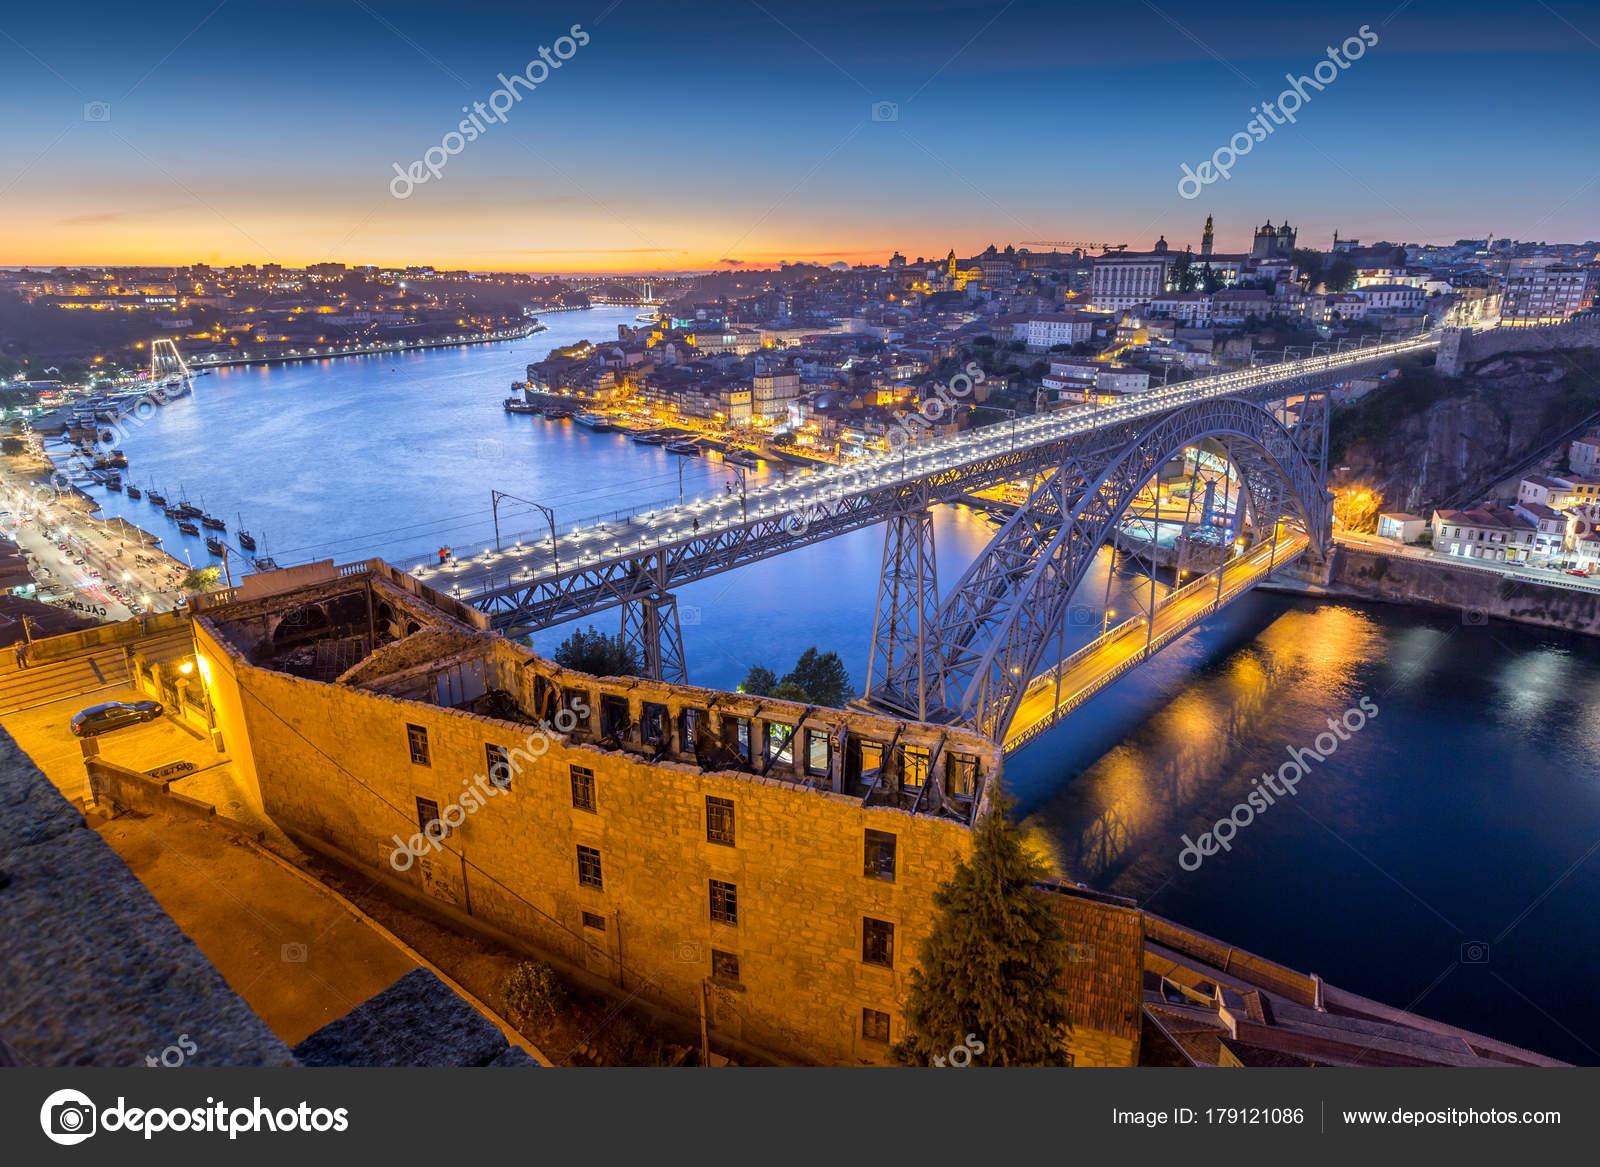 paisagem cidade porto portugal fotografias de stock kanuman 179121086. Black Bedroom Furniture Sets. Home Design Ideas